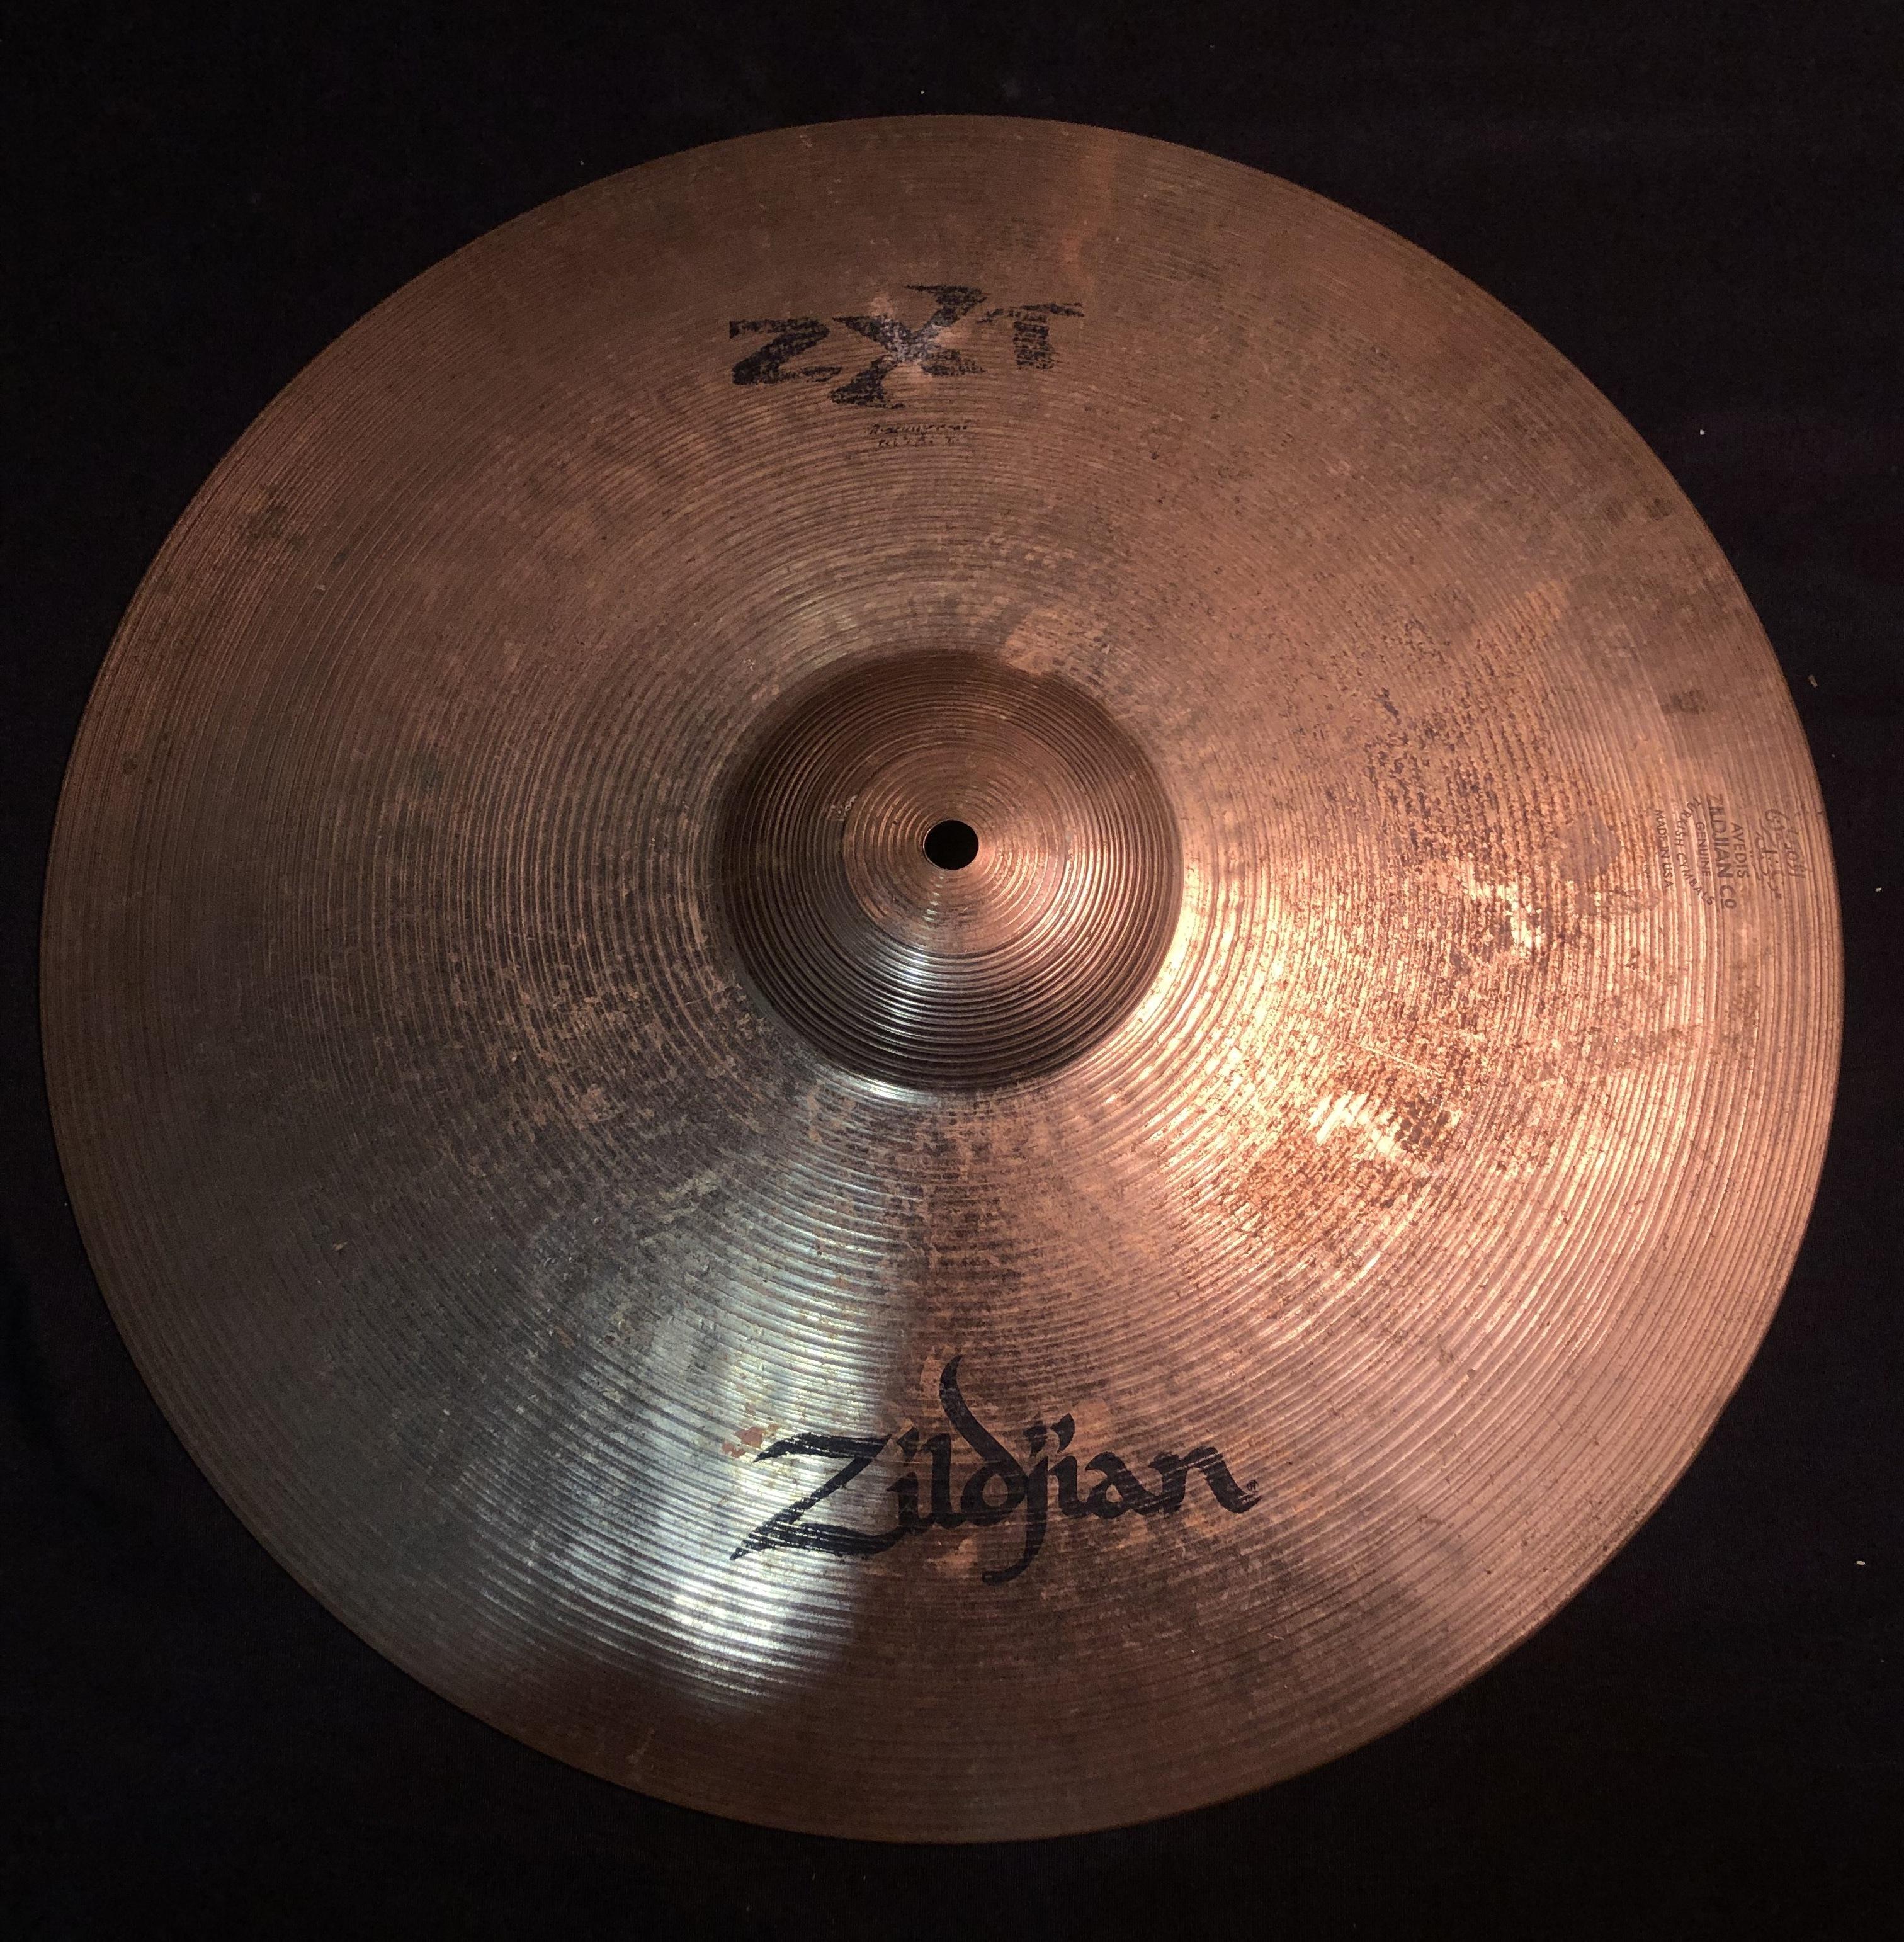 ZILDJIAN - ZHT Ride Cymbal 20